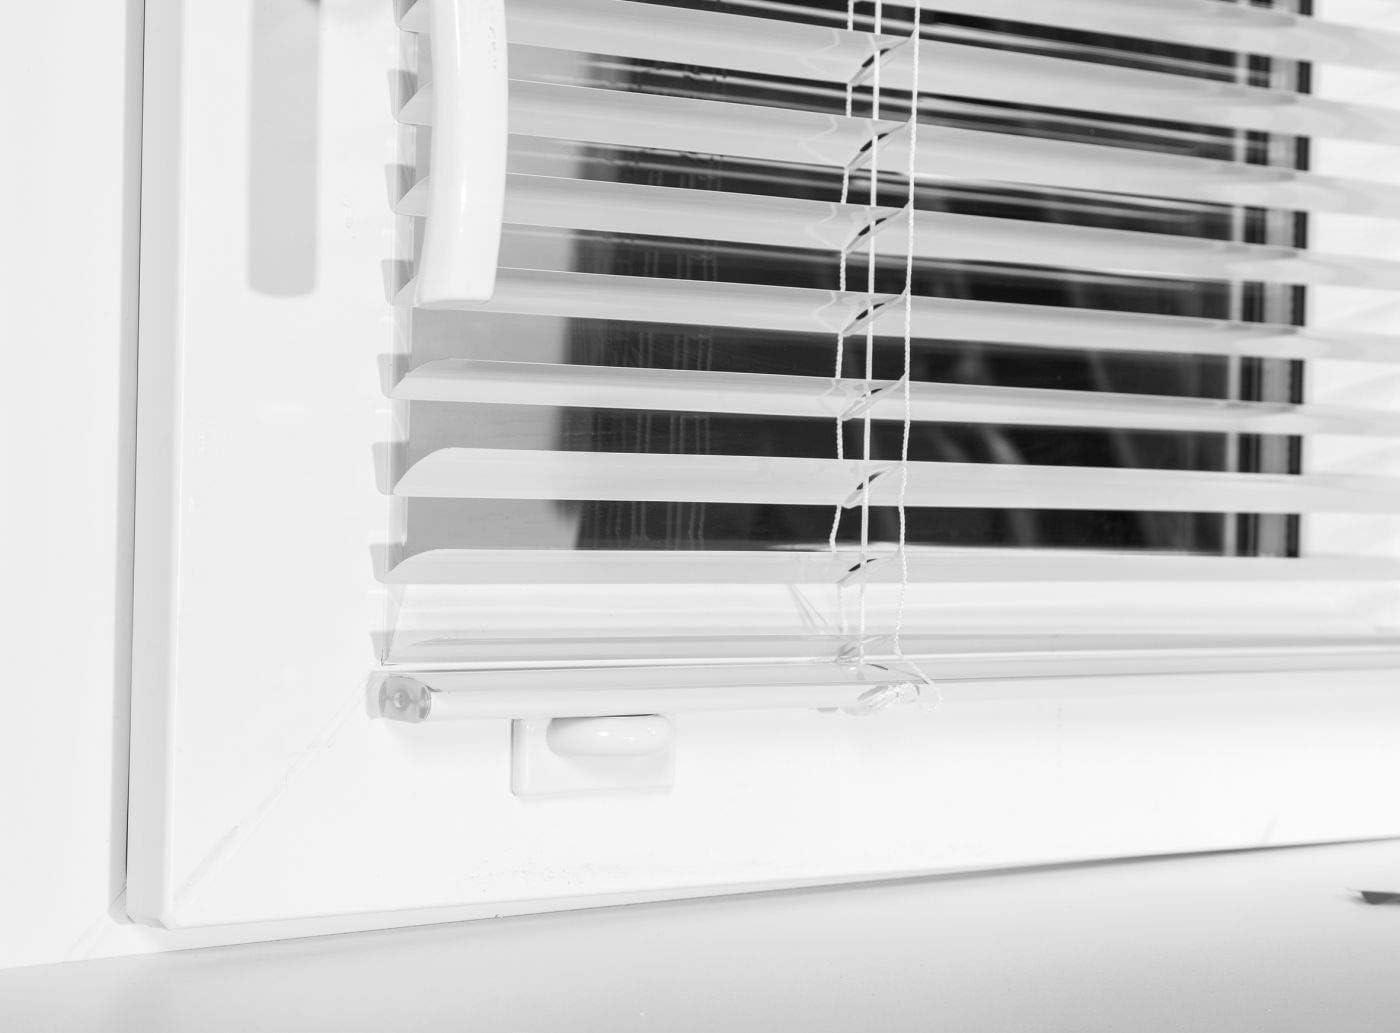 Persiana de aluminio para ventanas//puertas sin taladrar lamina colores a elegir